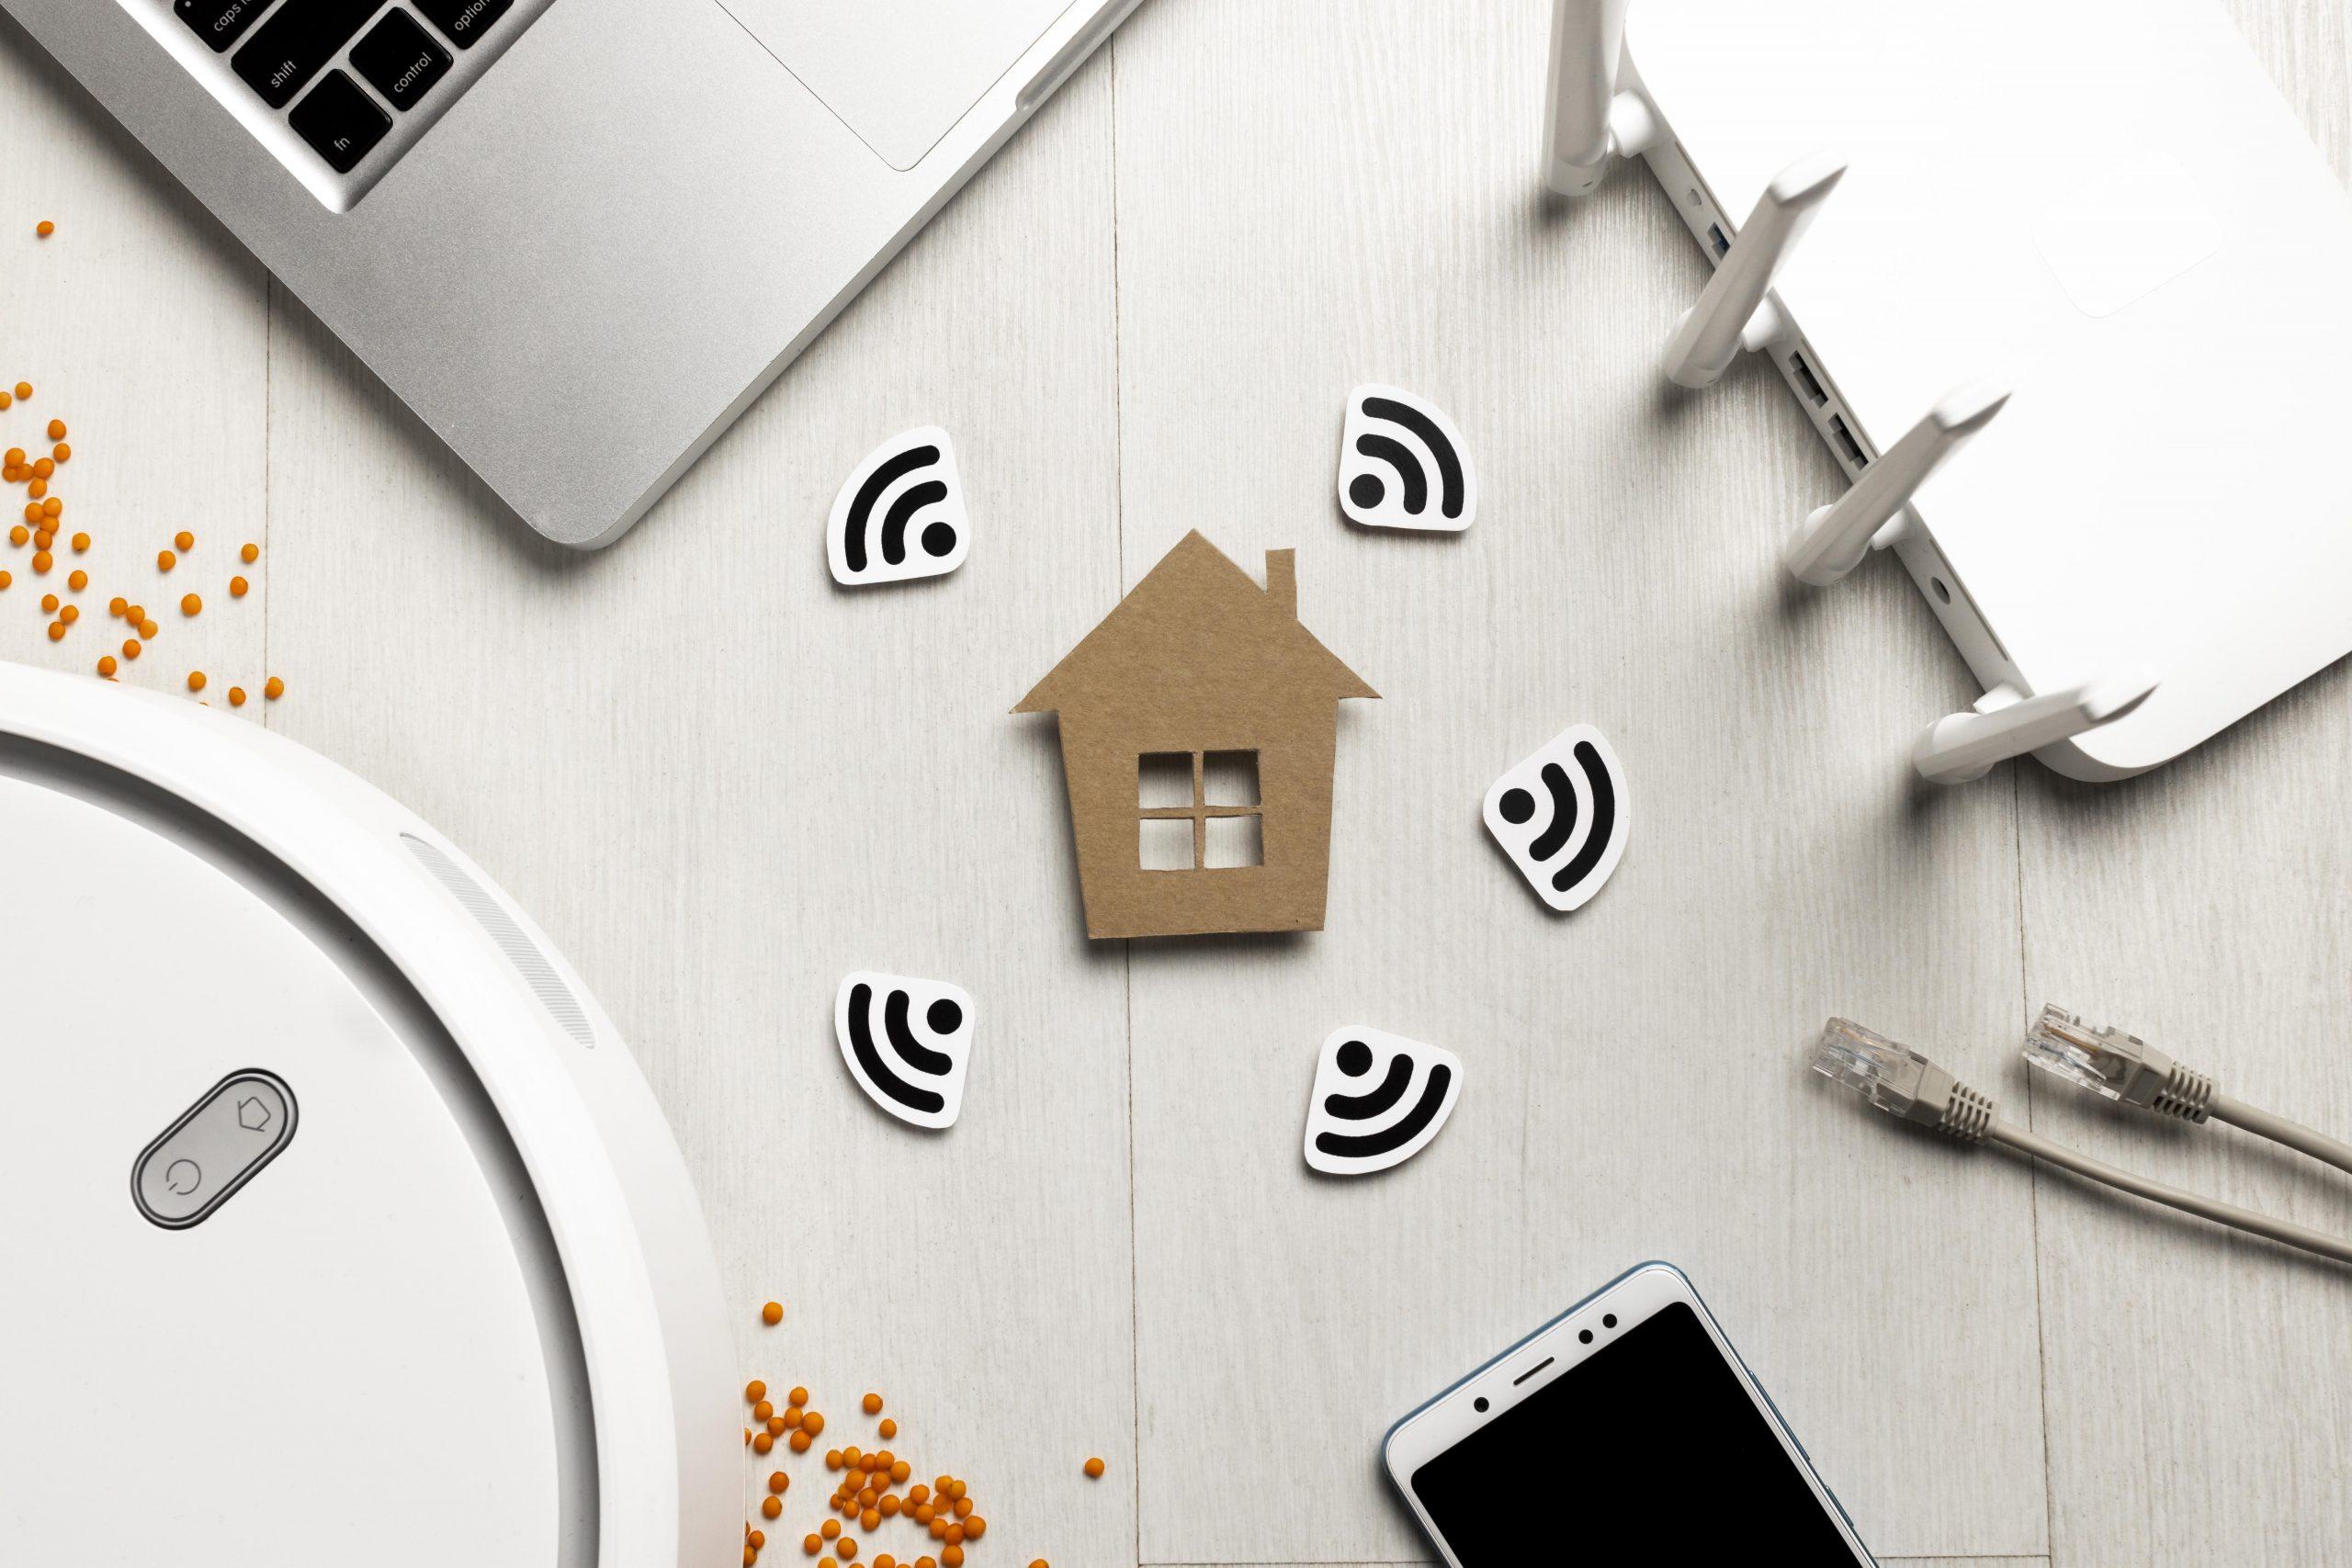 كيف تحصل على جهاز تقوية اشارة الواي فاي في المنزل